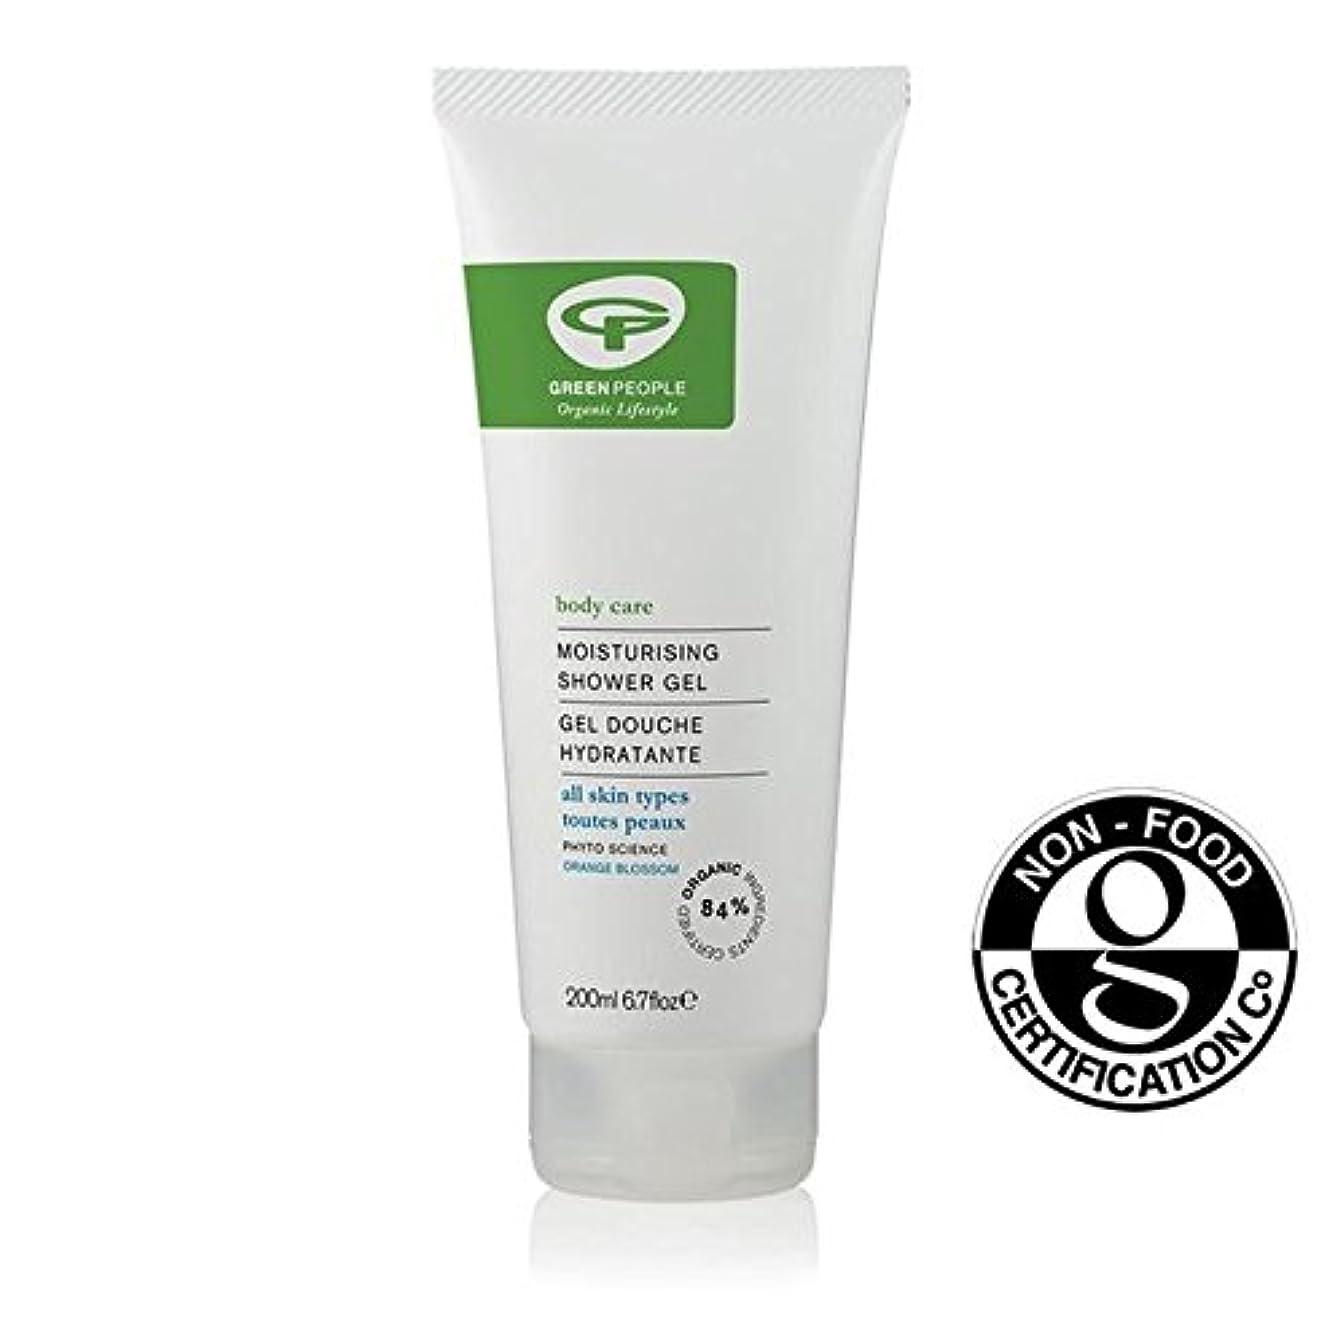 無声で勝利した早熟緑の人々の有機保湿シャワージェル200 x4 - Green People Organic Moisturising Shower Gel 200ml (Pack of 4) [並行輸入品]